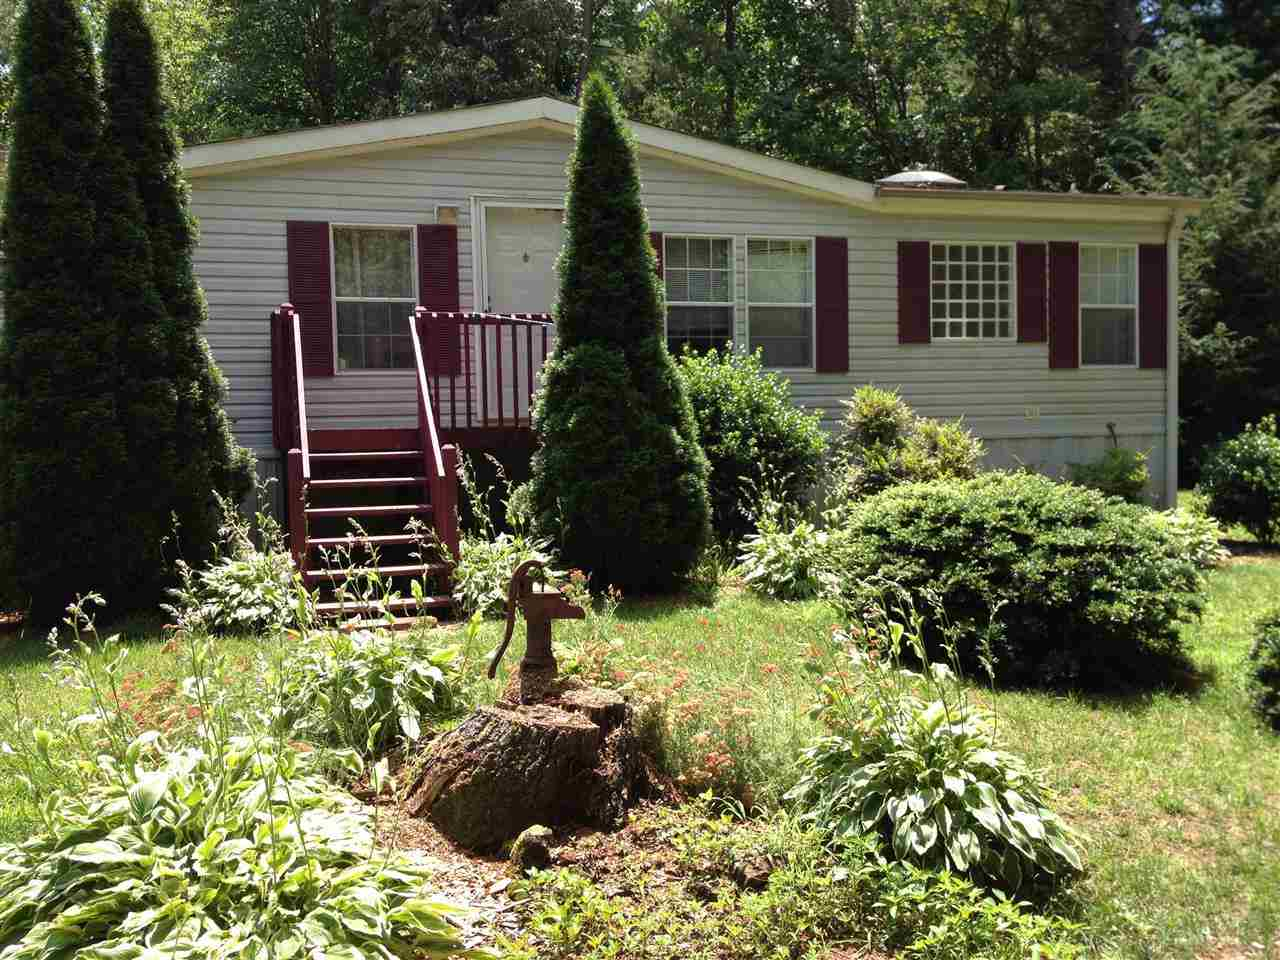 Real Estate for Sale, ListingId: 28307644, Mtn Rest,SC29664